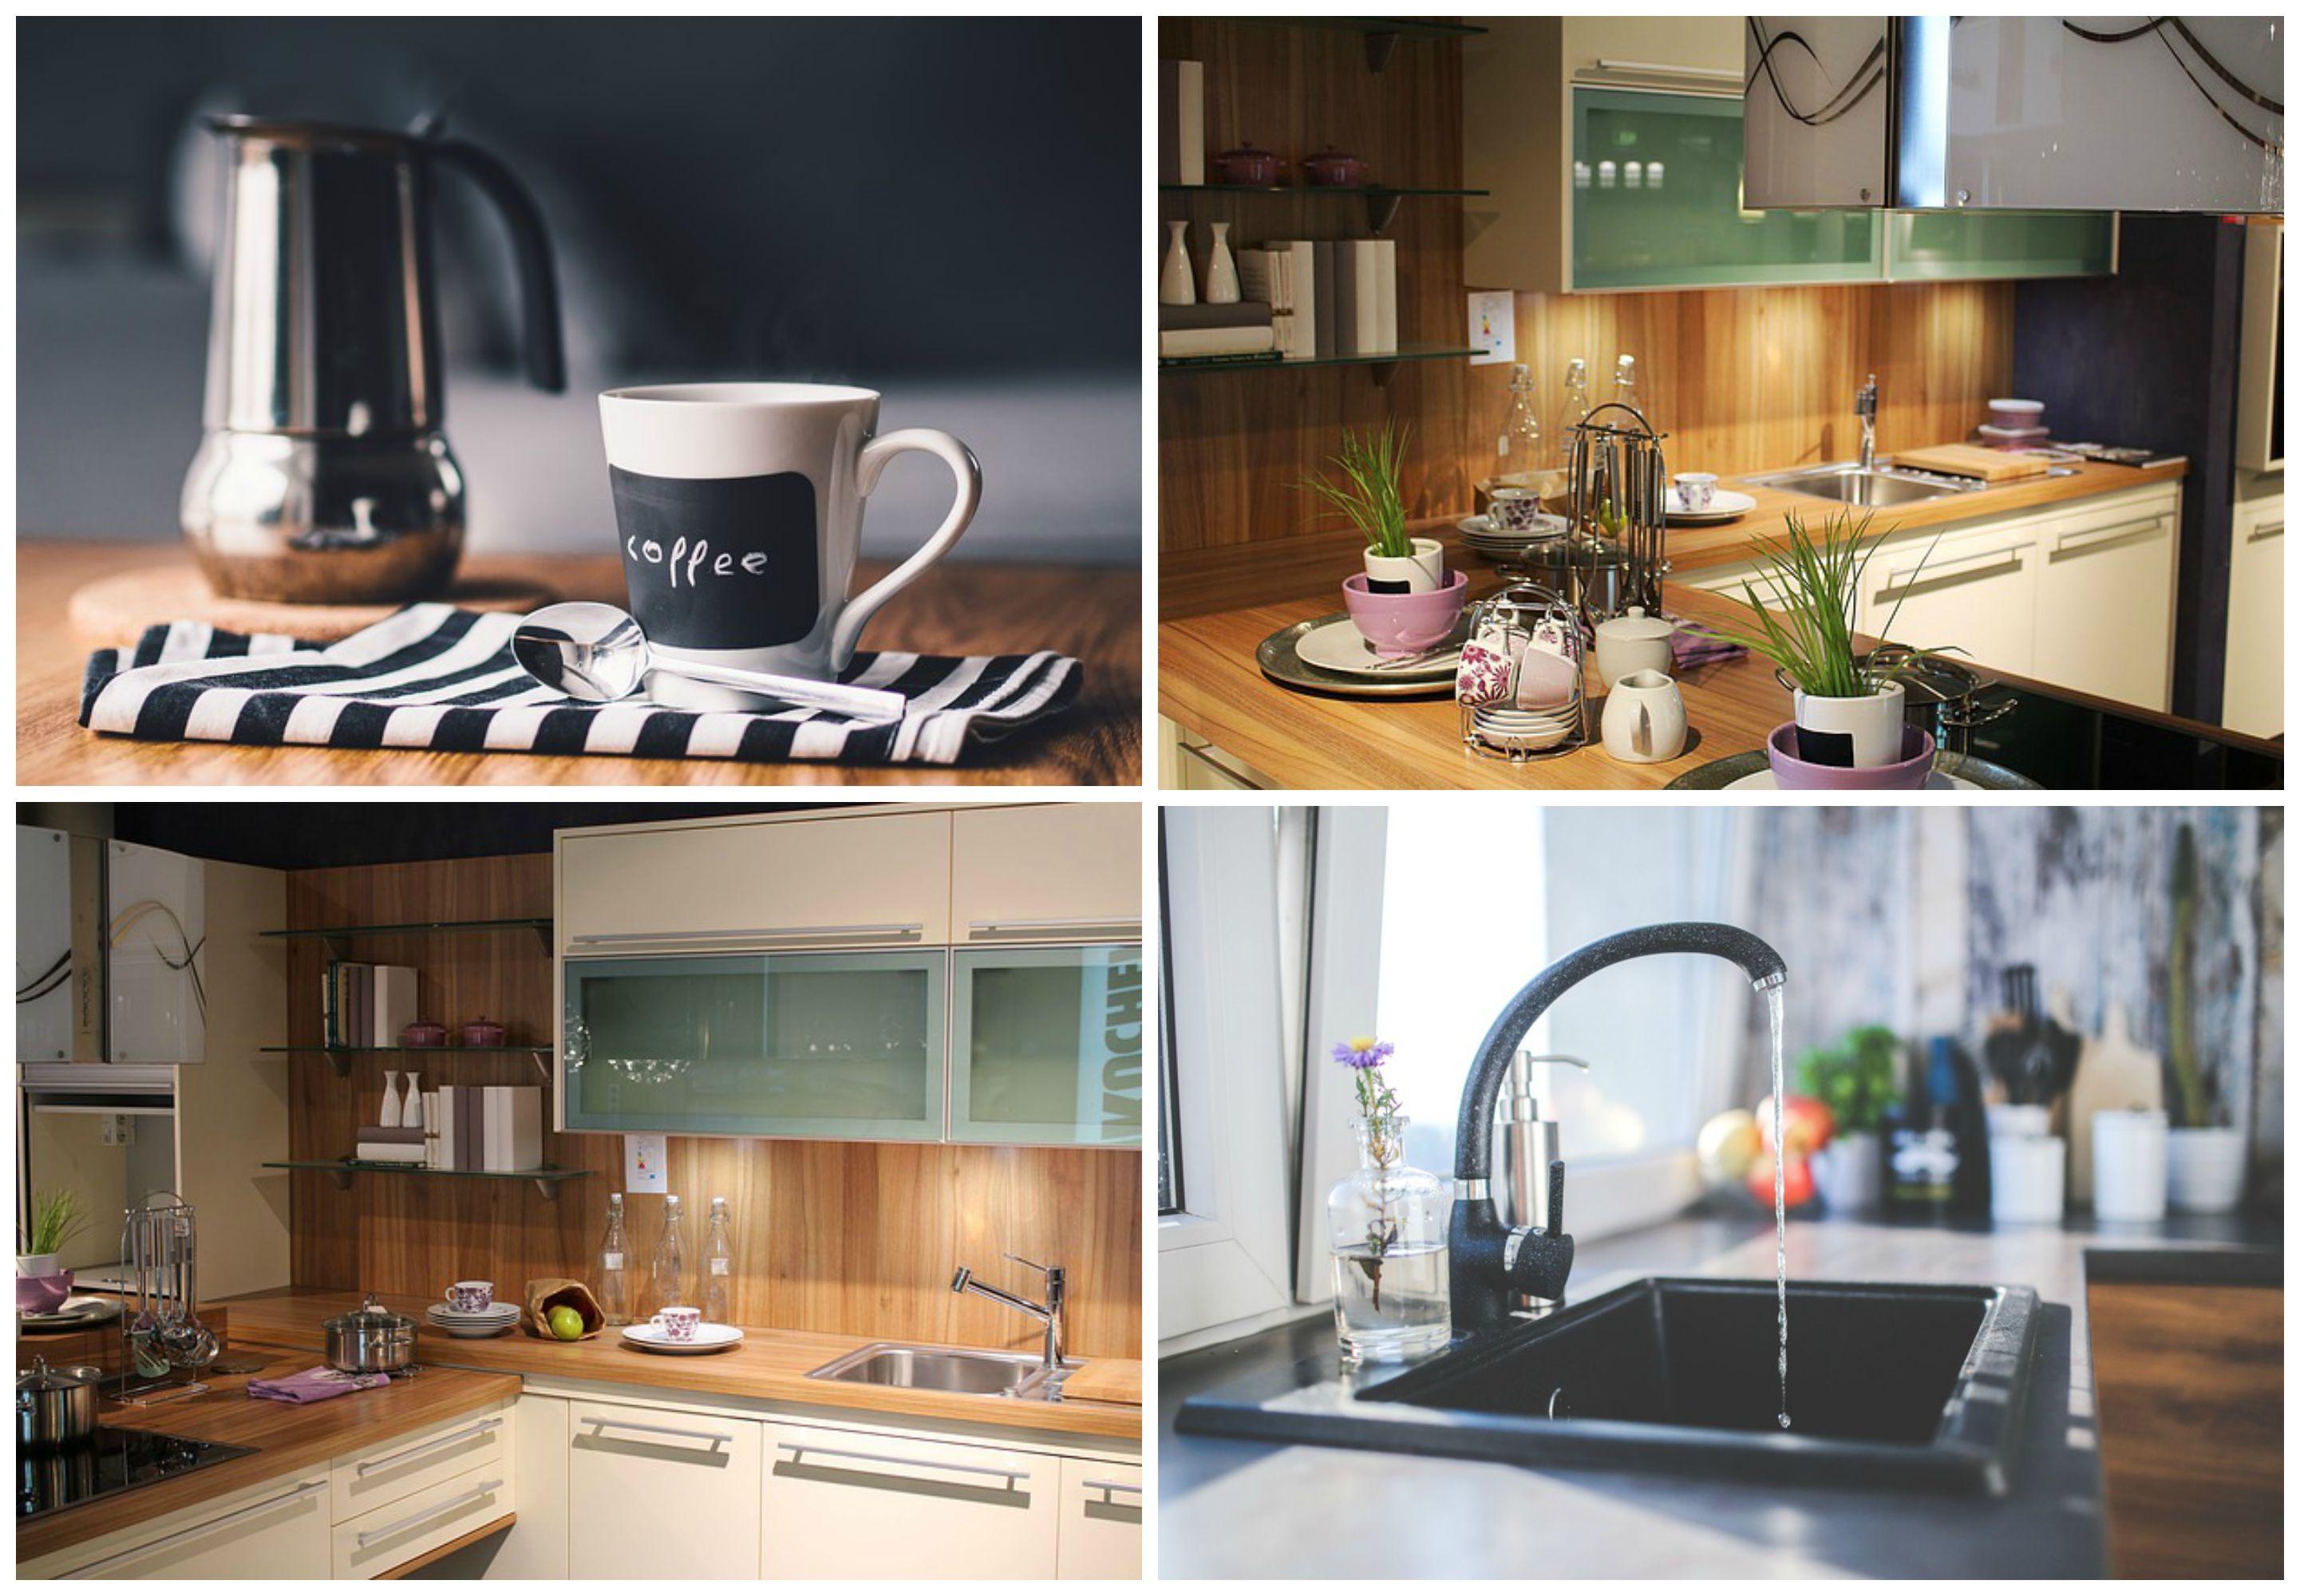 Hygienic Kitchen Design